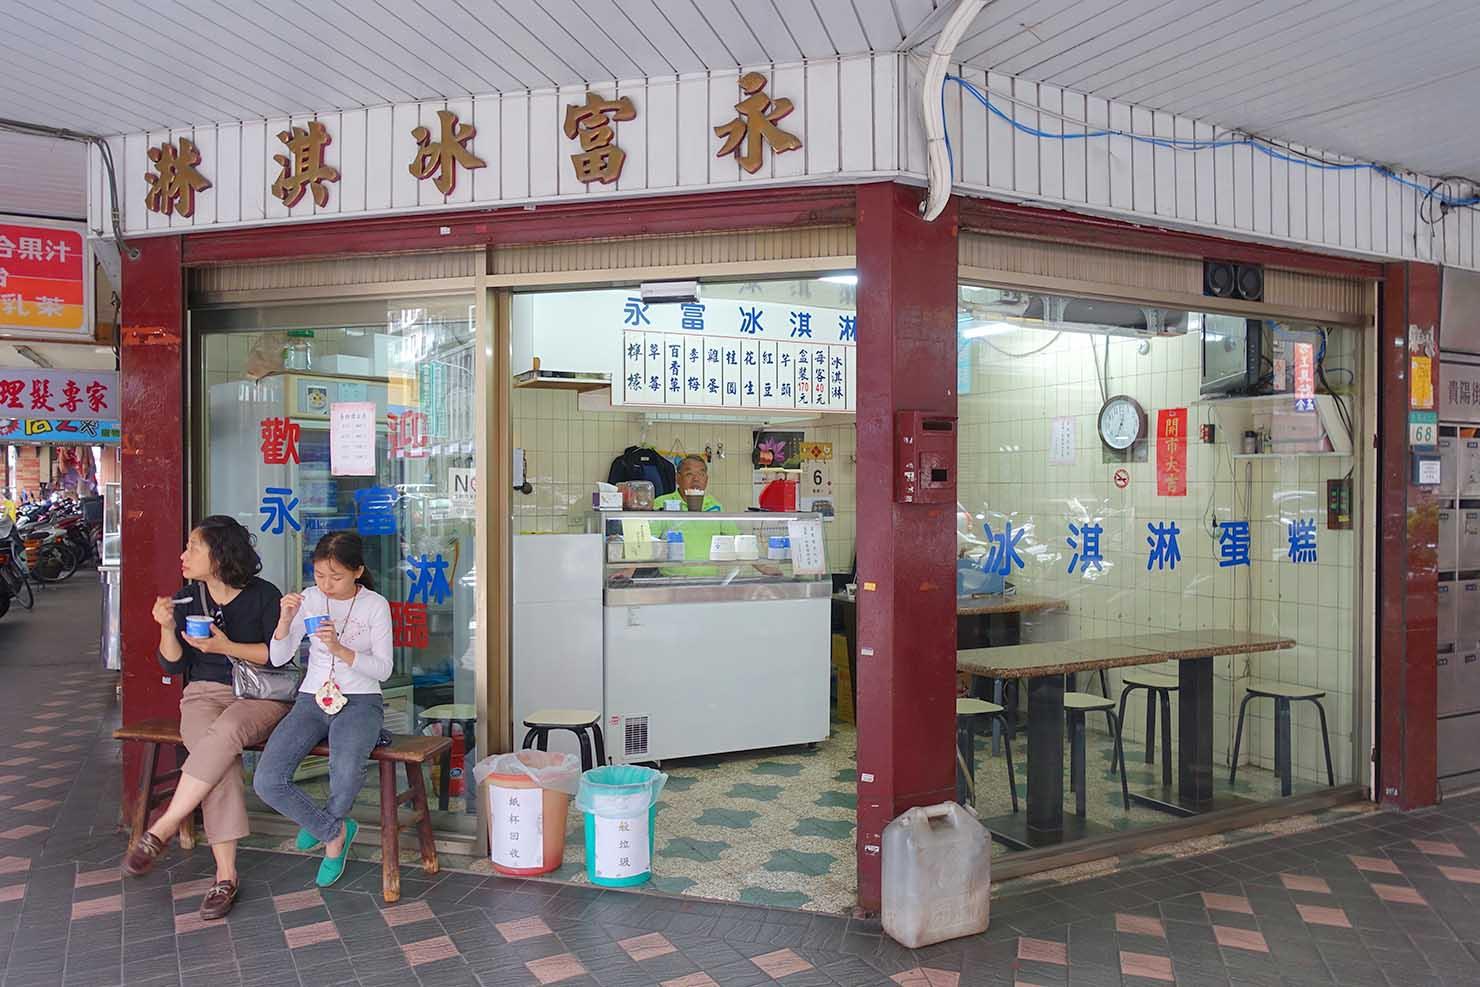 台北・西門町の伝統アイスクリーム専門店「永富冰淇淋」の軒先